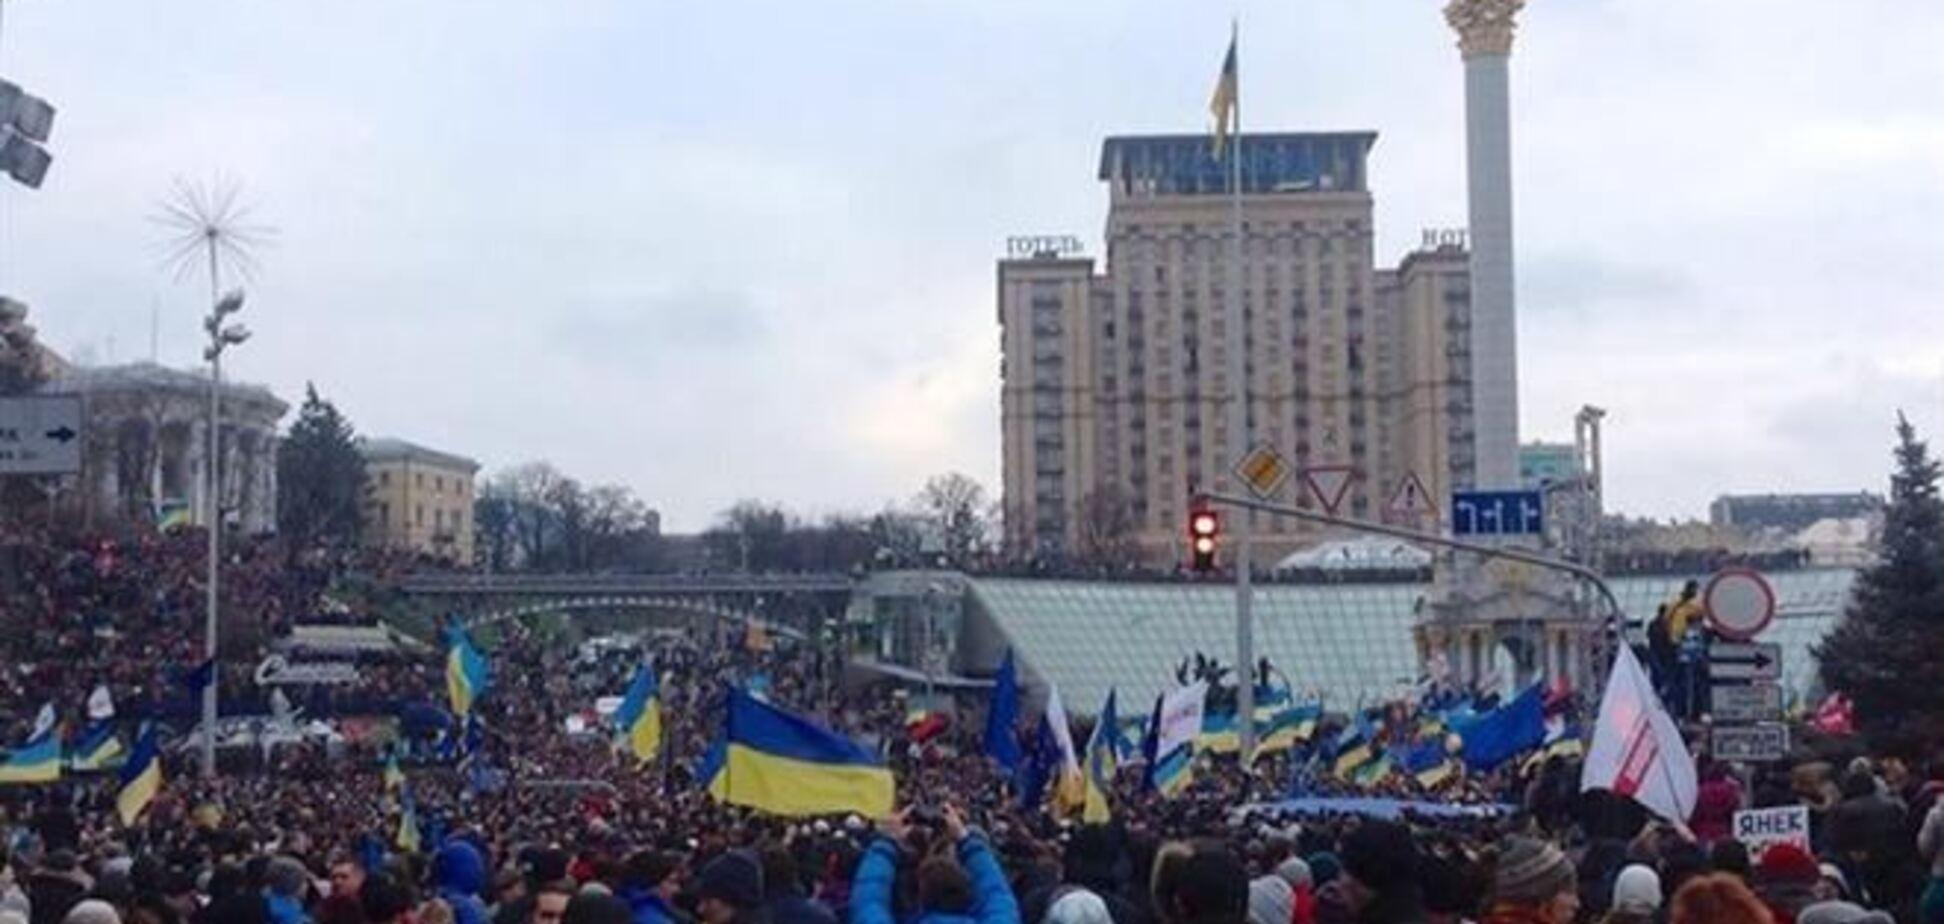 Люди штурмуют Дом профсоюзов, чтобы вывести трансляцию Евромайдана на большой экран